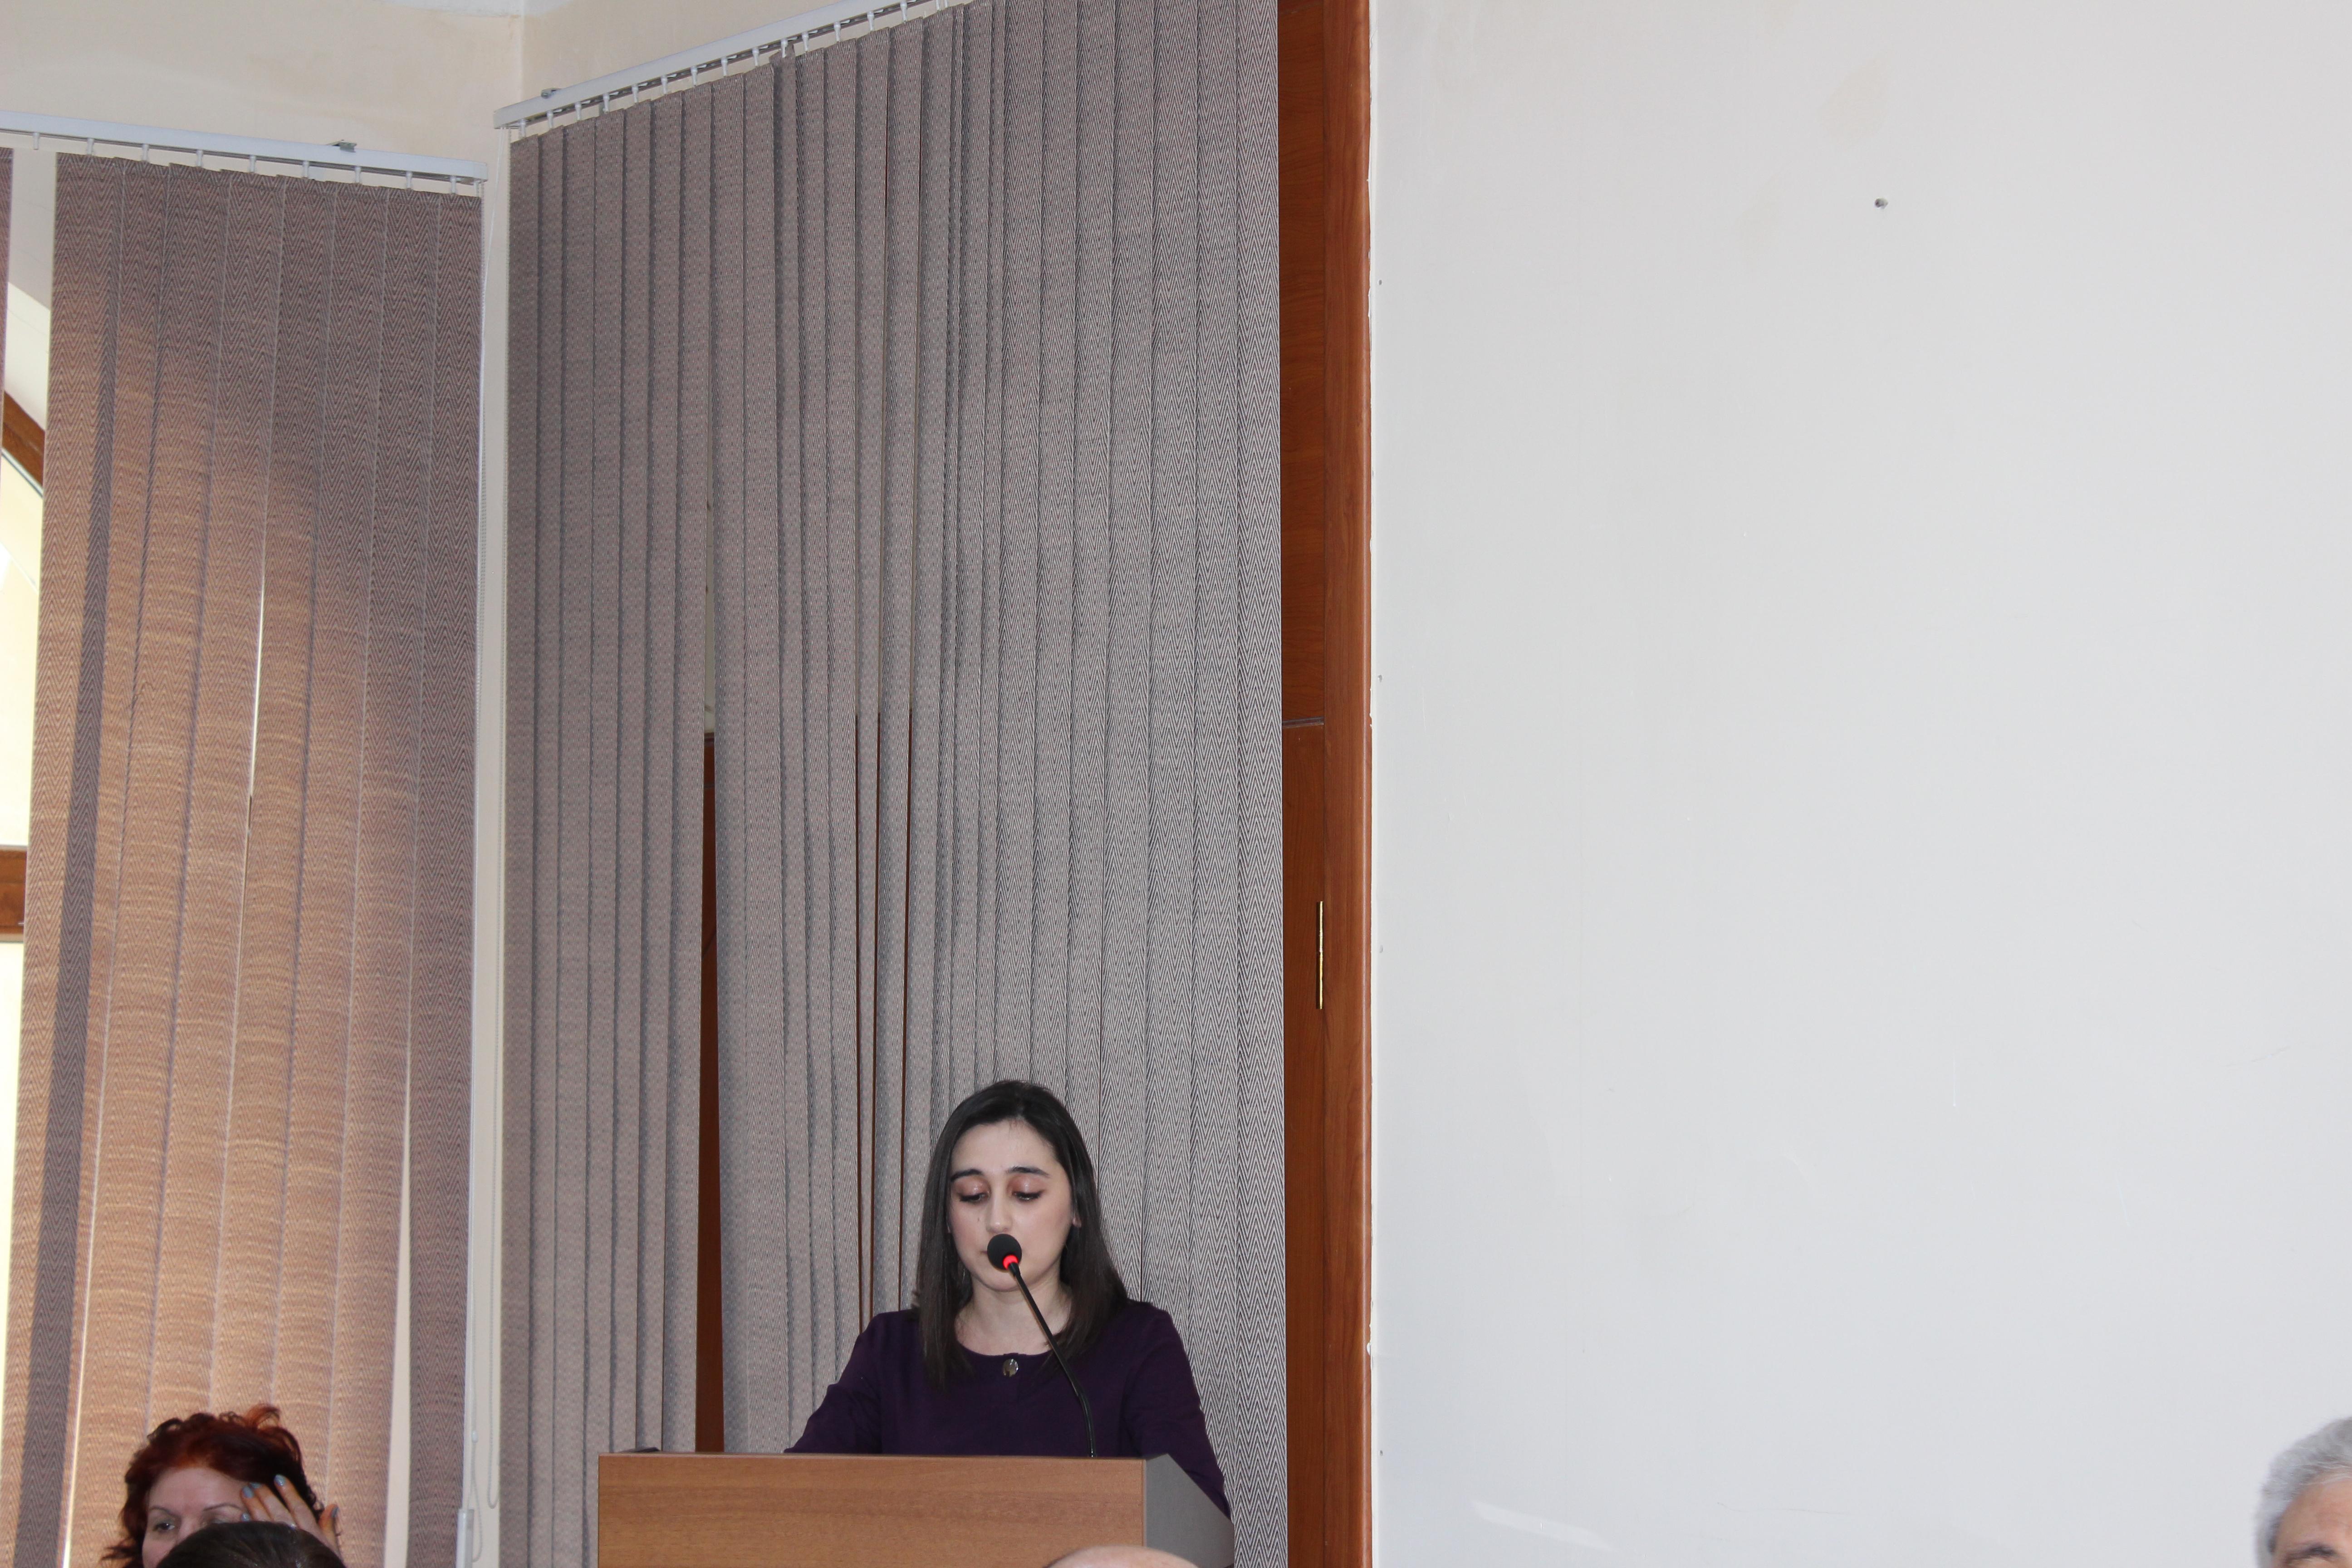 AMEA Fəlsəfə İnstitutunda YAP Yasamal Rayon Təşkilatının tədbiri keçirilib